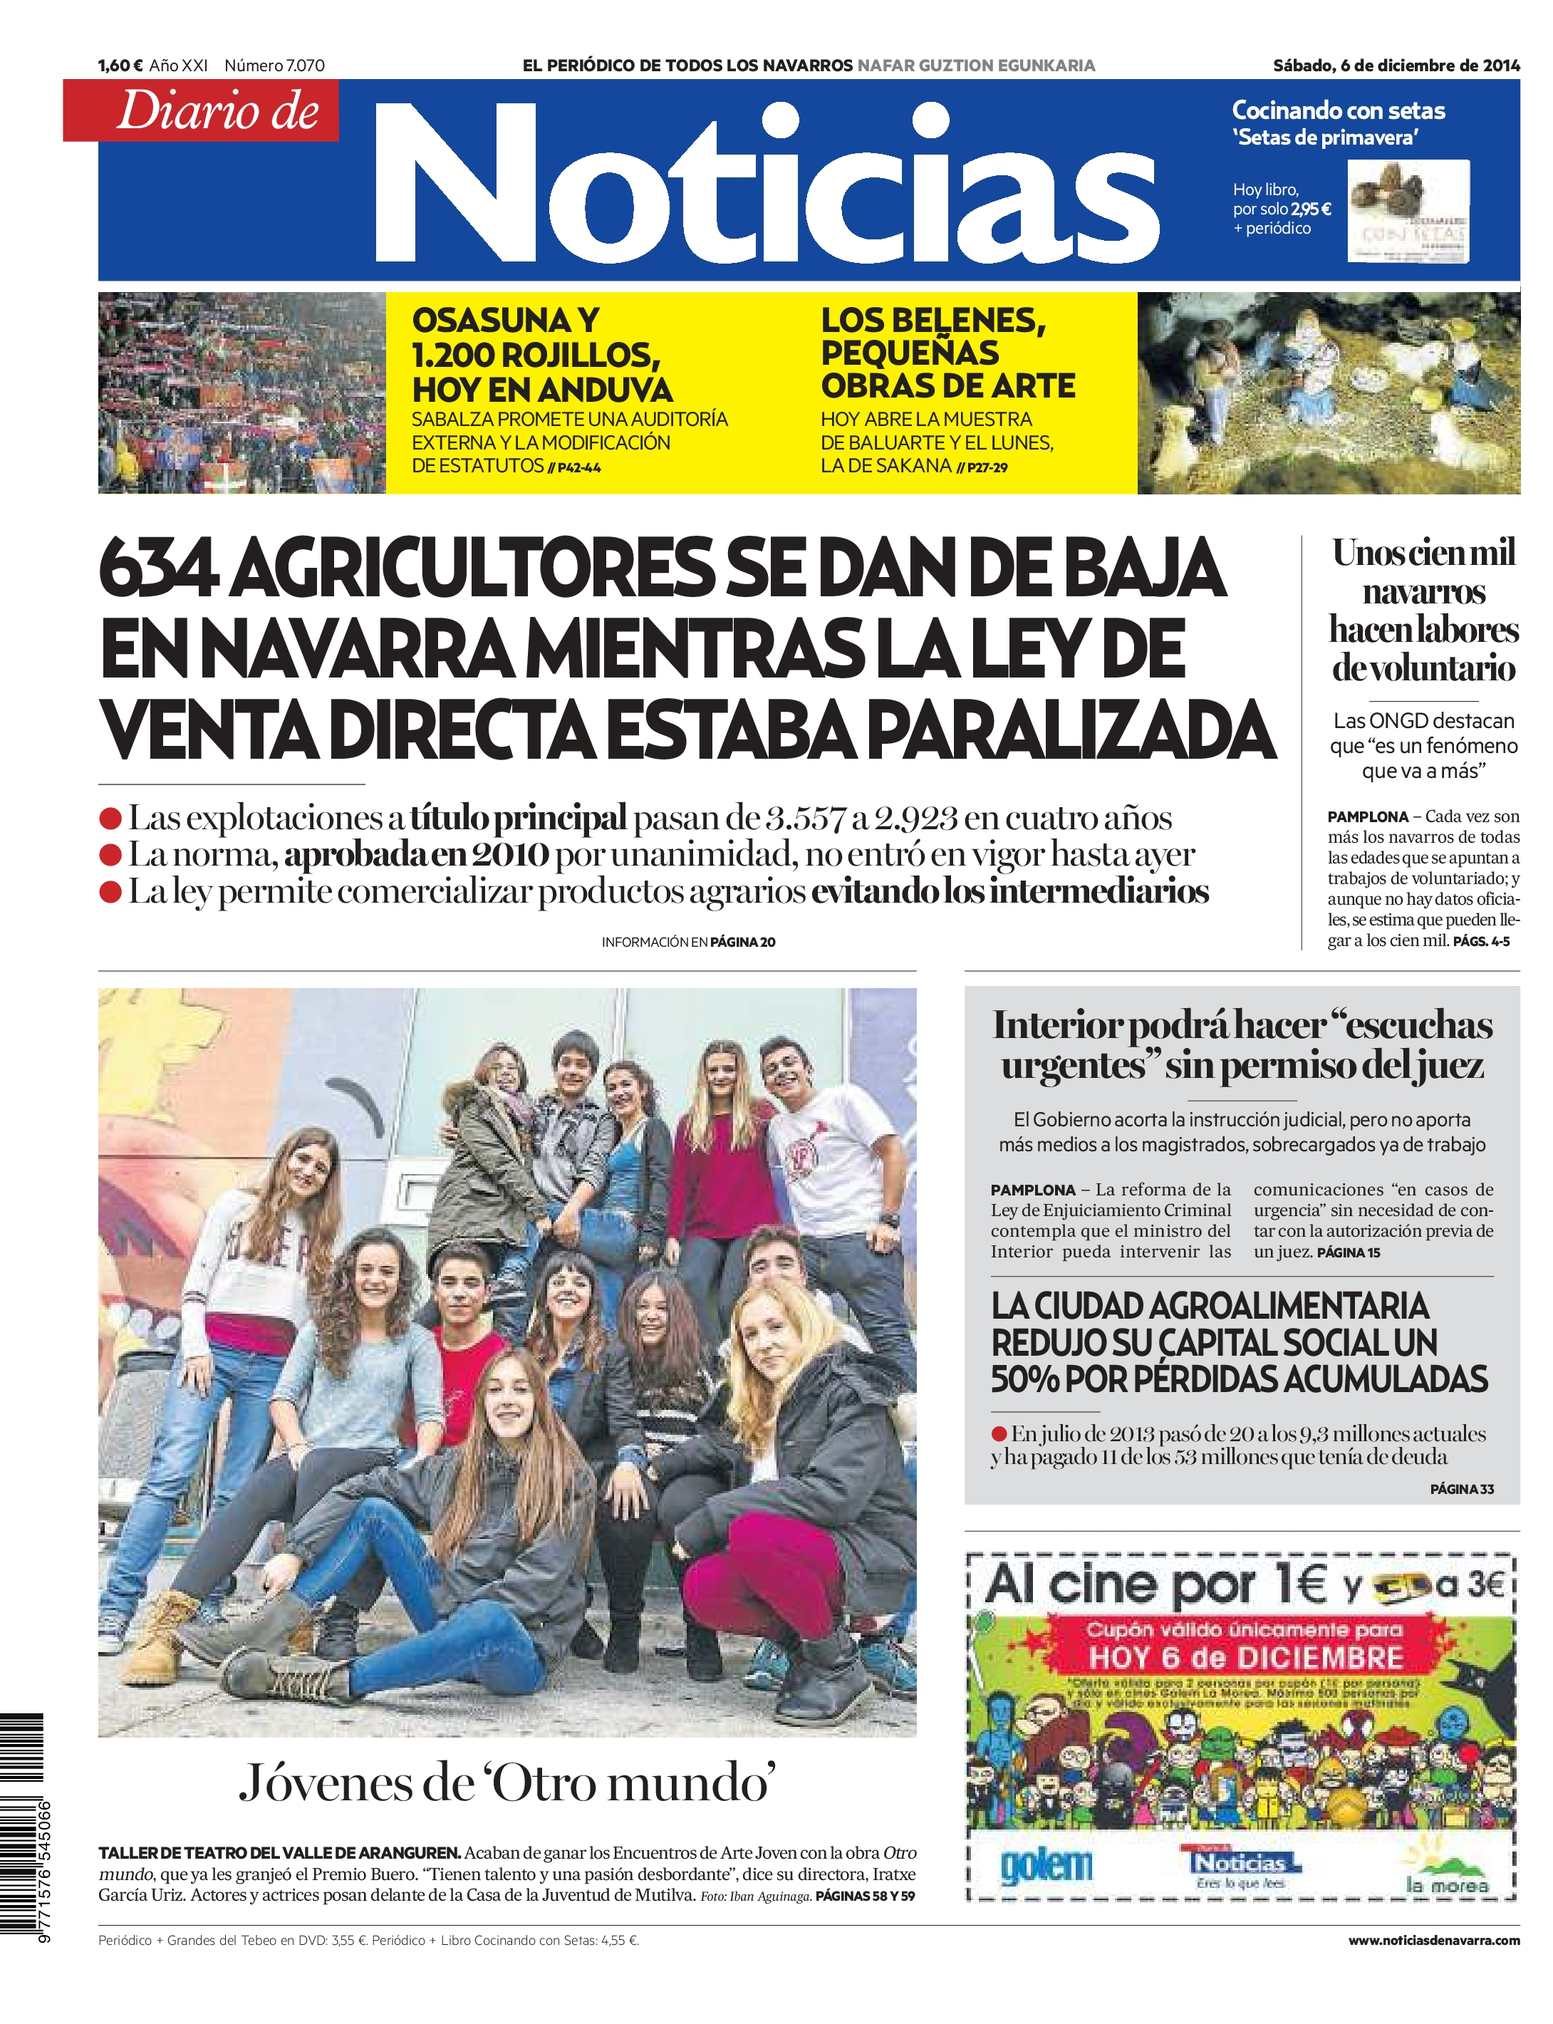 Calaméo - Diario de Noticias 20141206